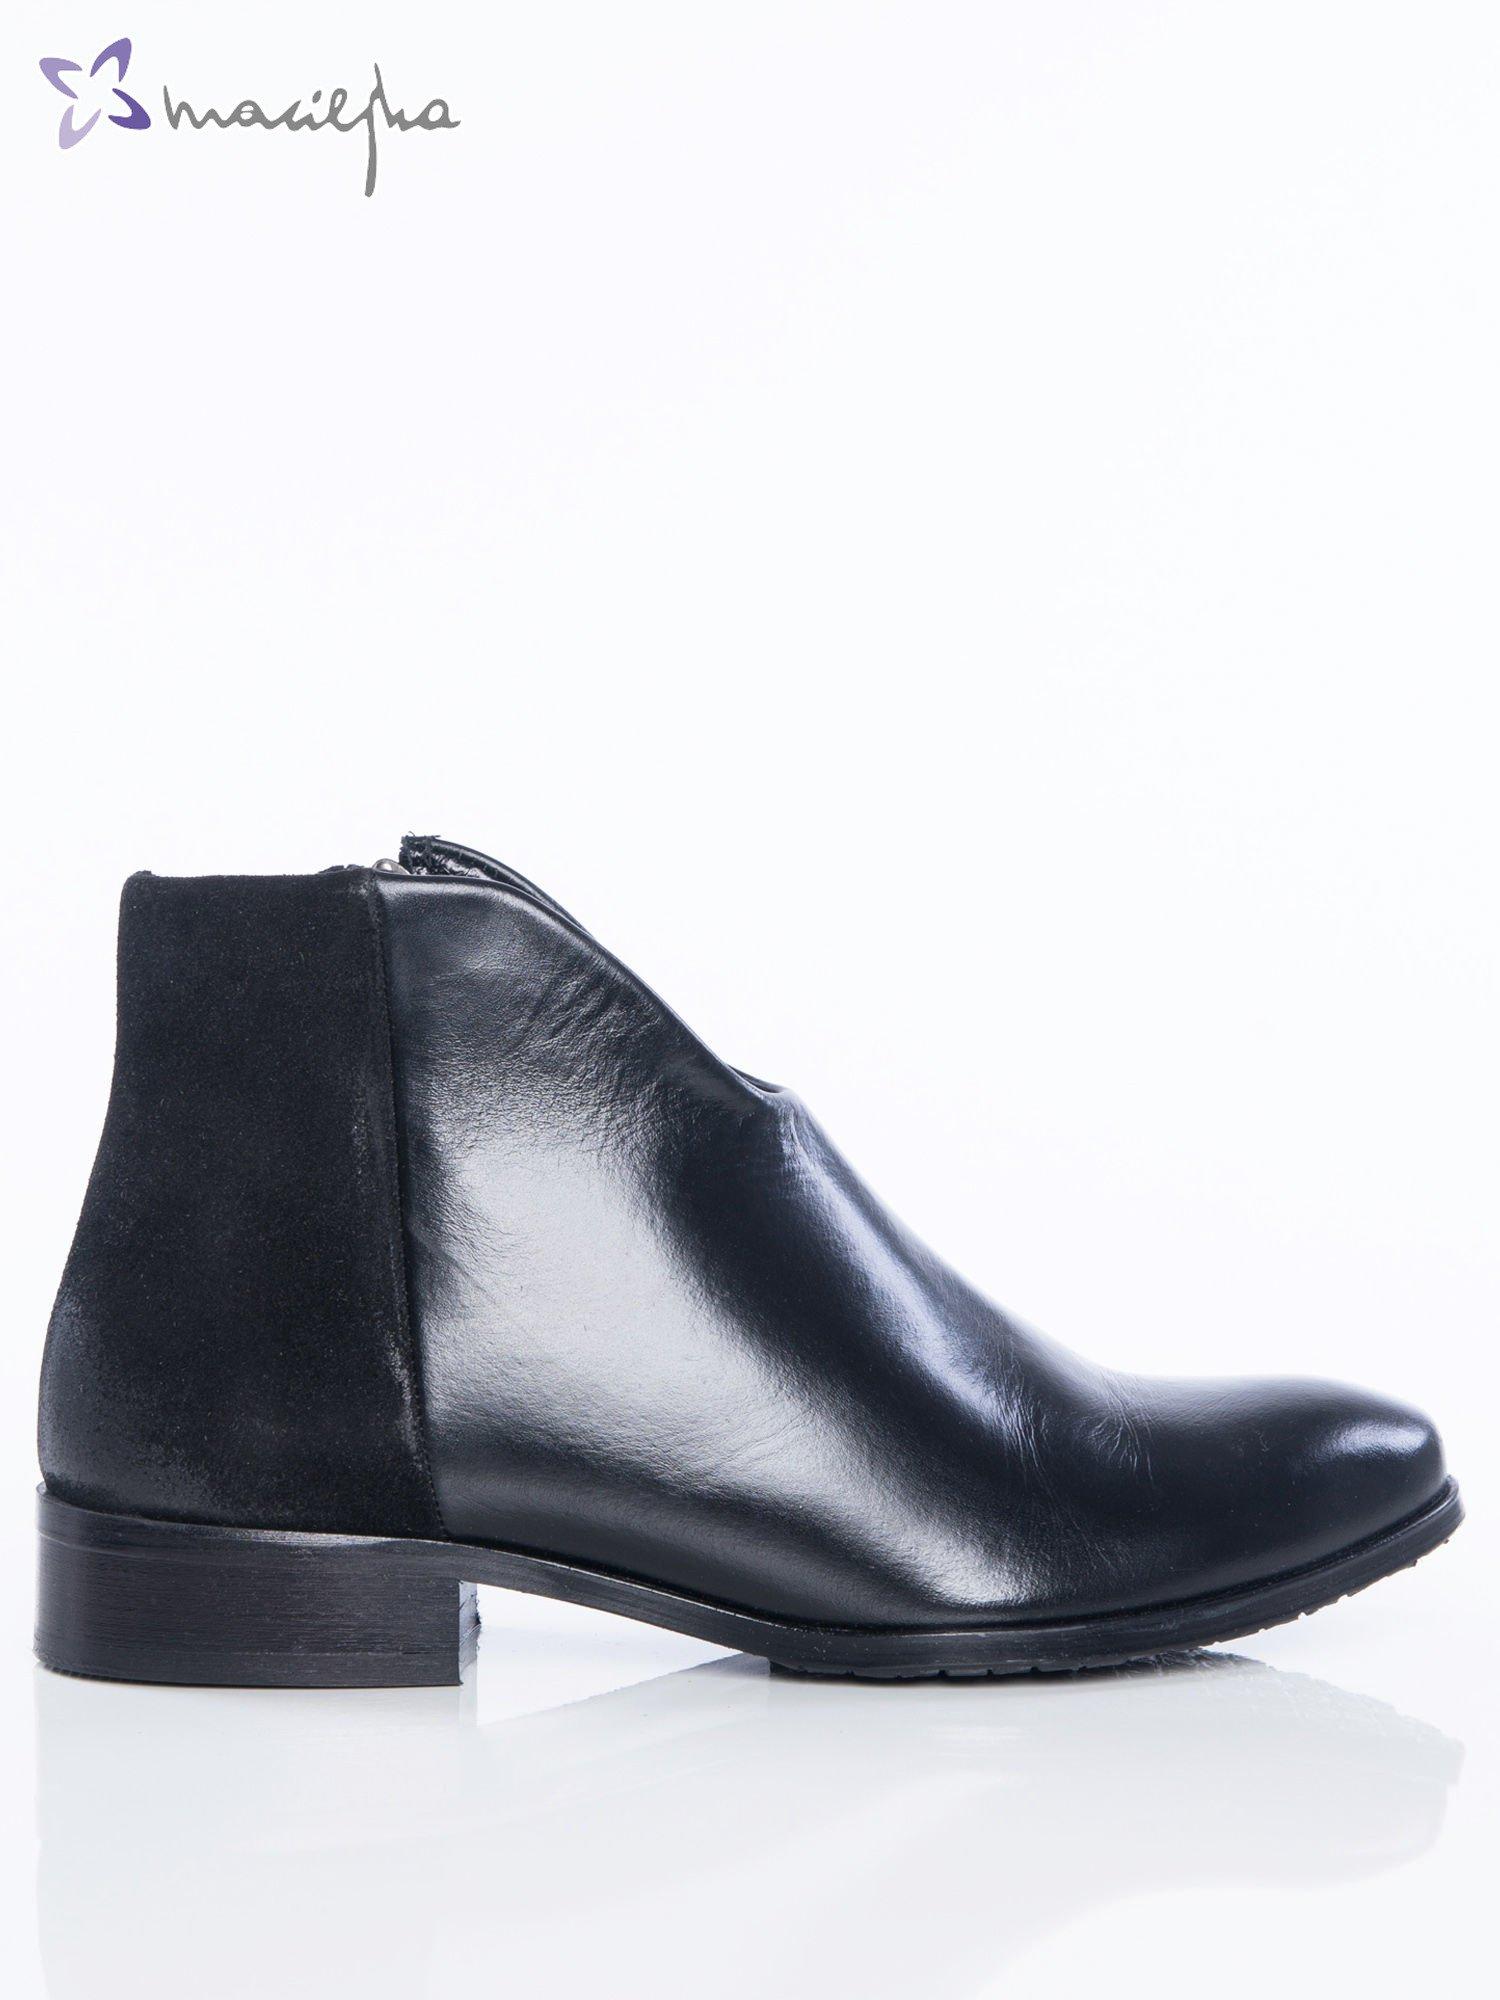 a99f9db1571c9 Czarne botki Maciejka ze skóry na klocku z głęboko wyciętą cholewką z  przodu buta ...